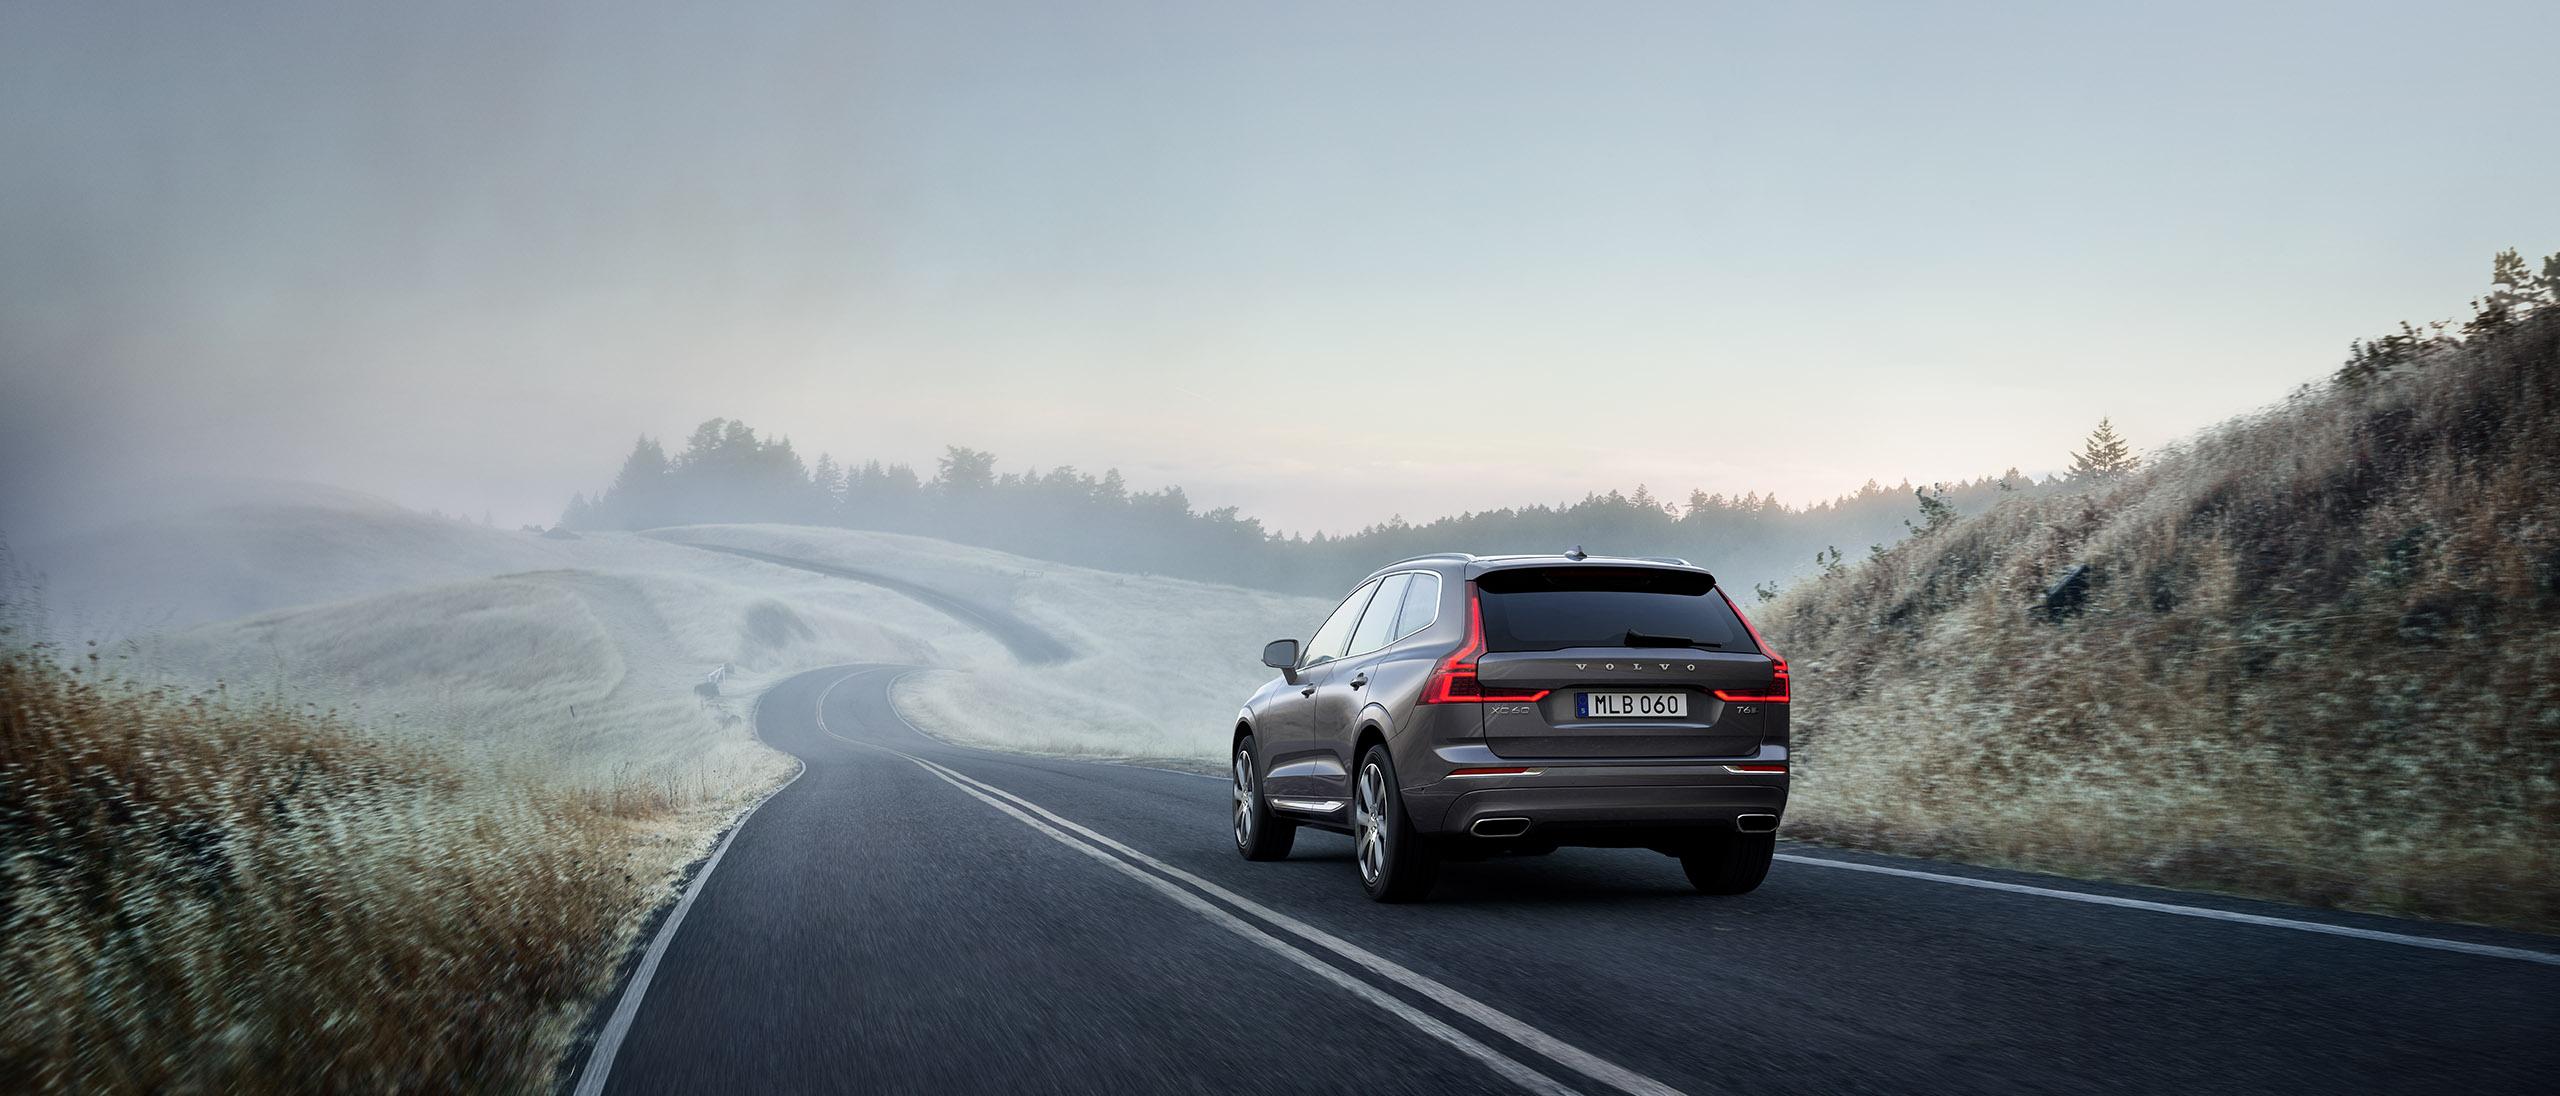 Volvo XC60 серого цвета едет по дороге в окружении полей на восходе